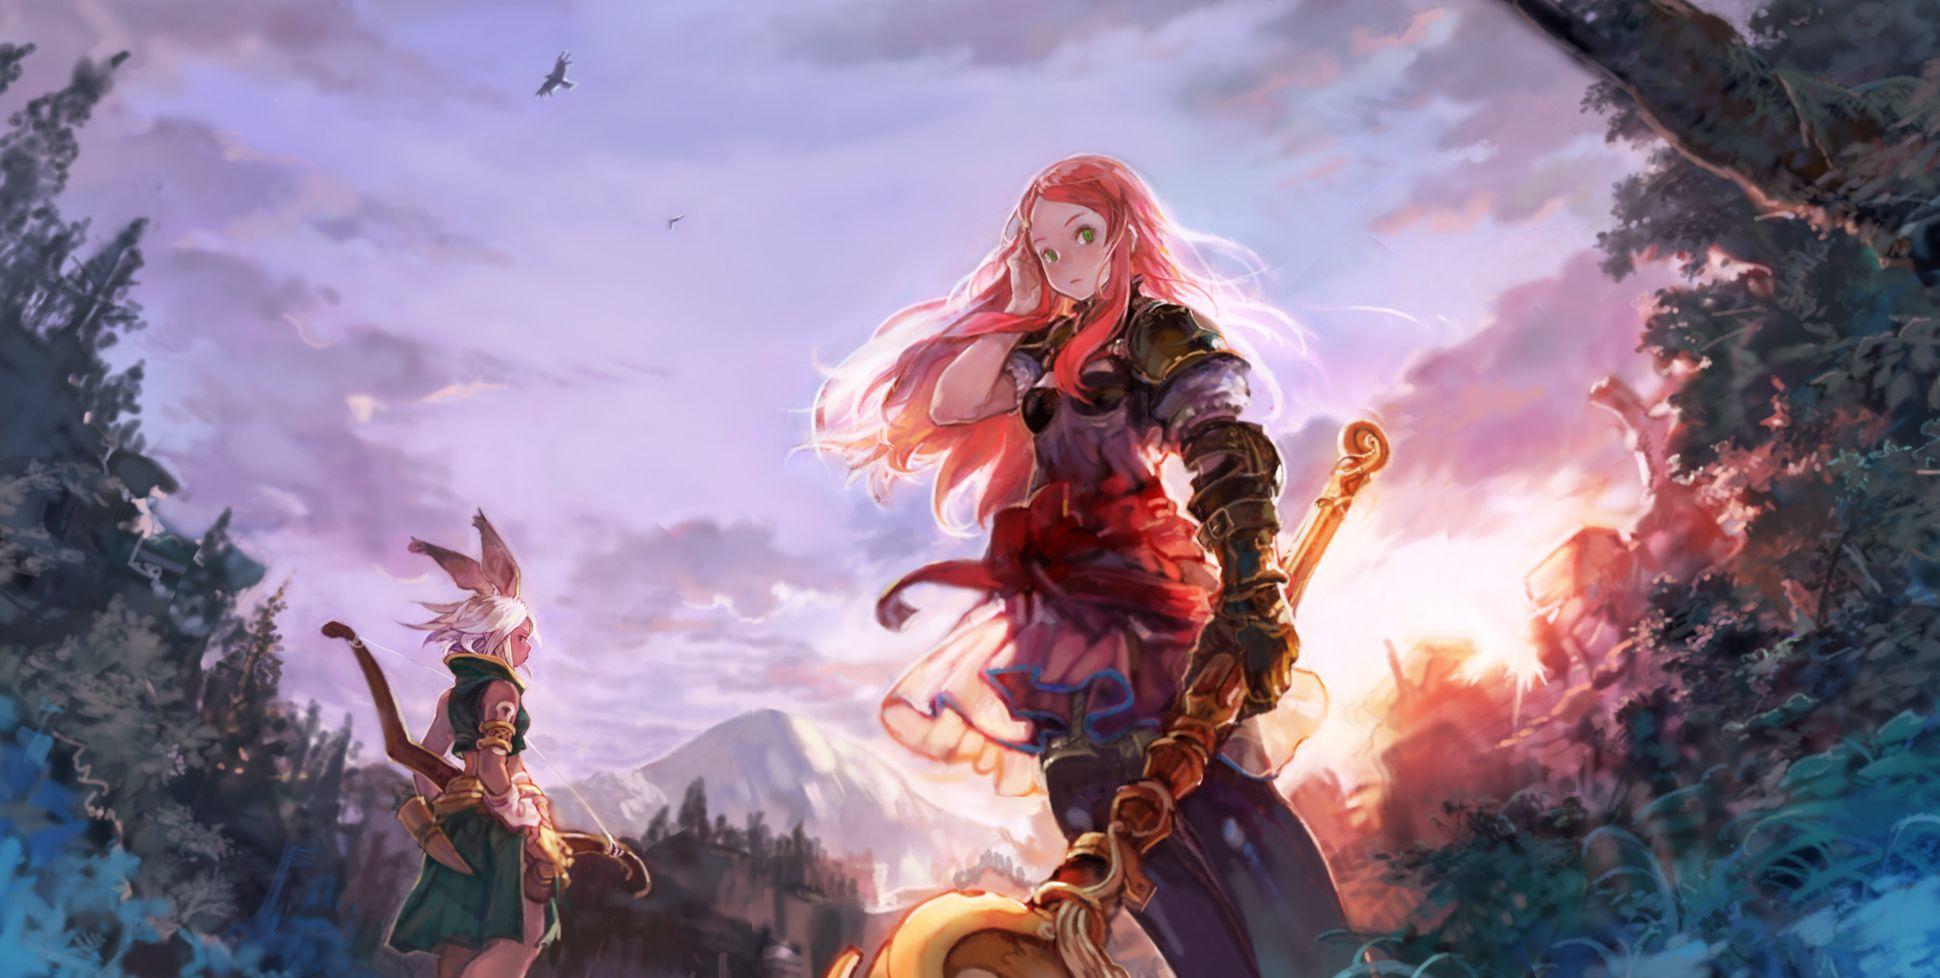 Tags Fanart Pixiv Final Fantasy Tactics Advance Viera Burari